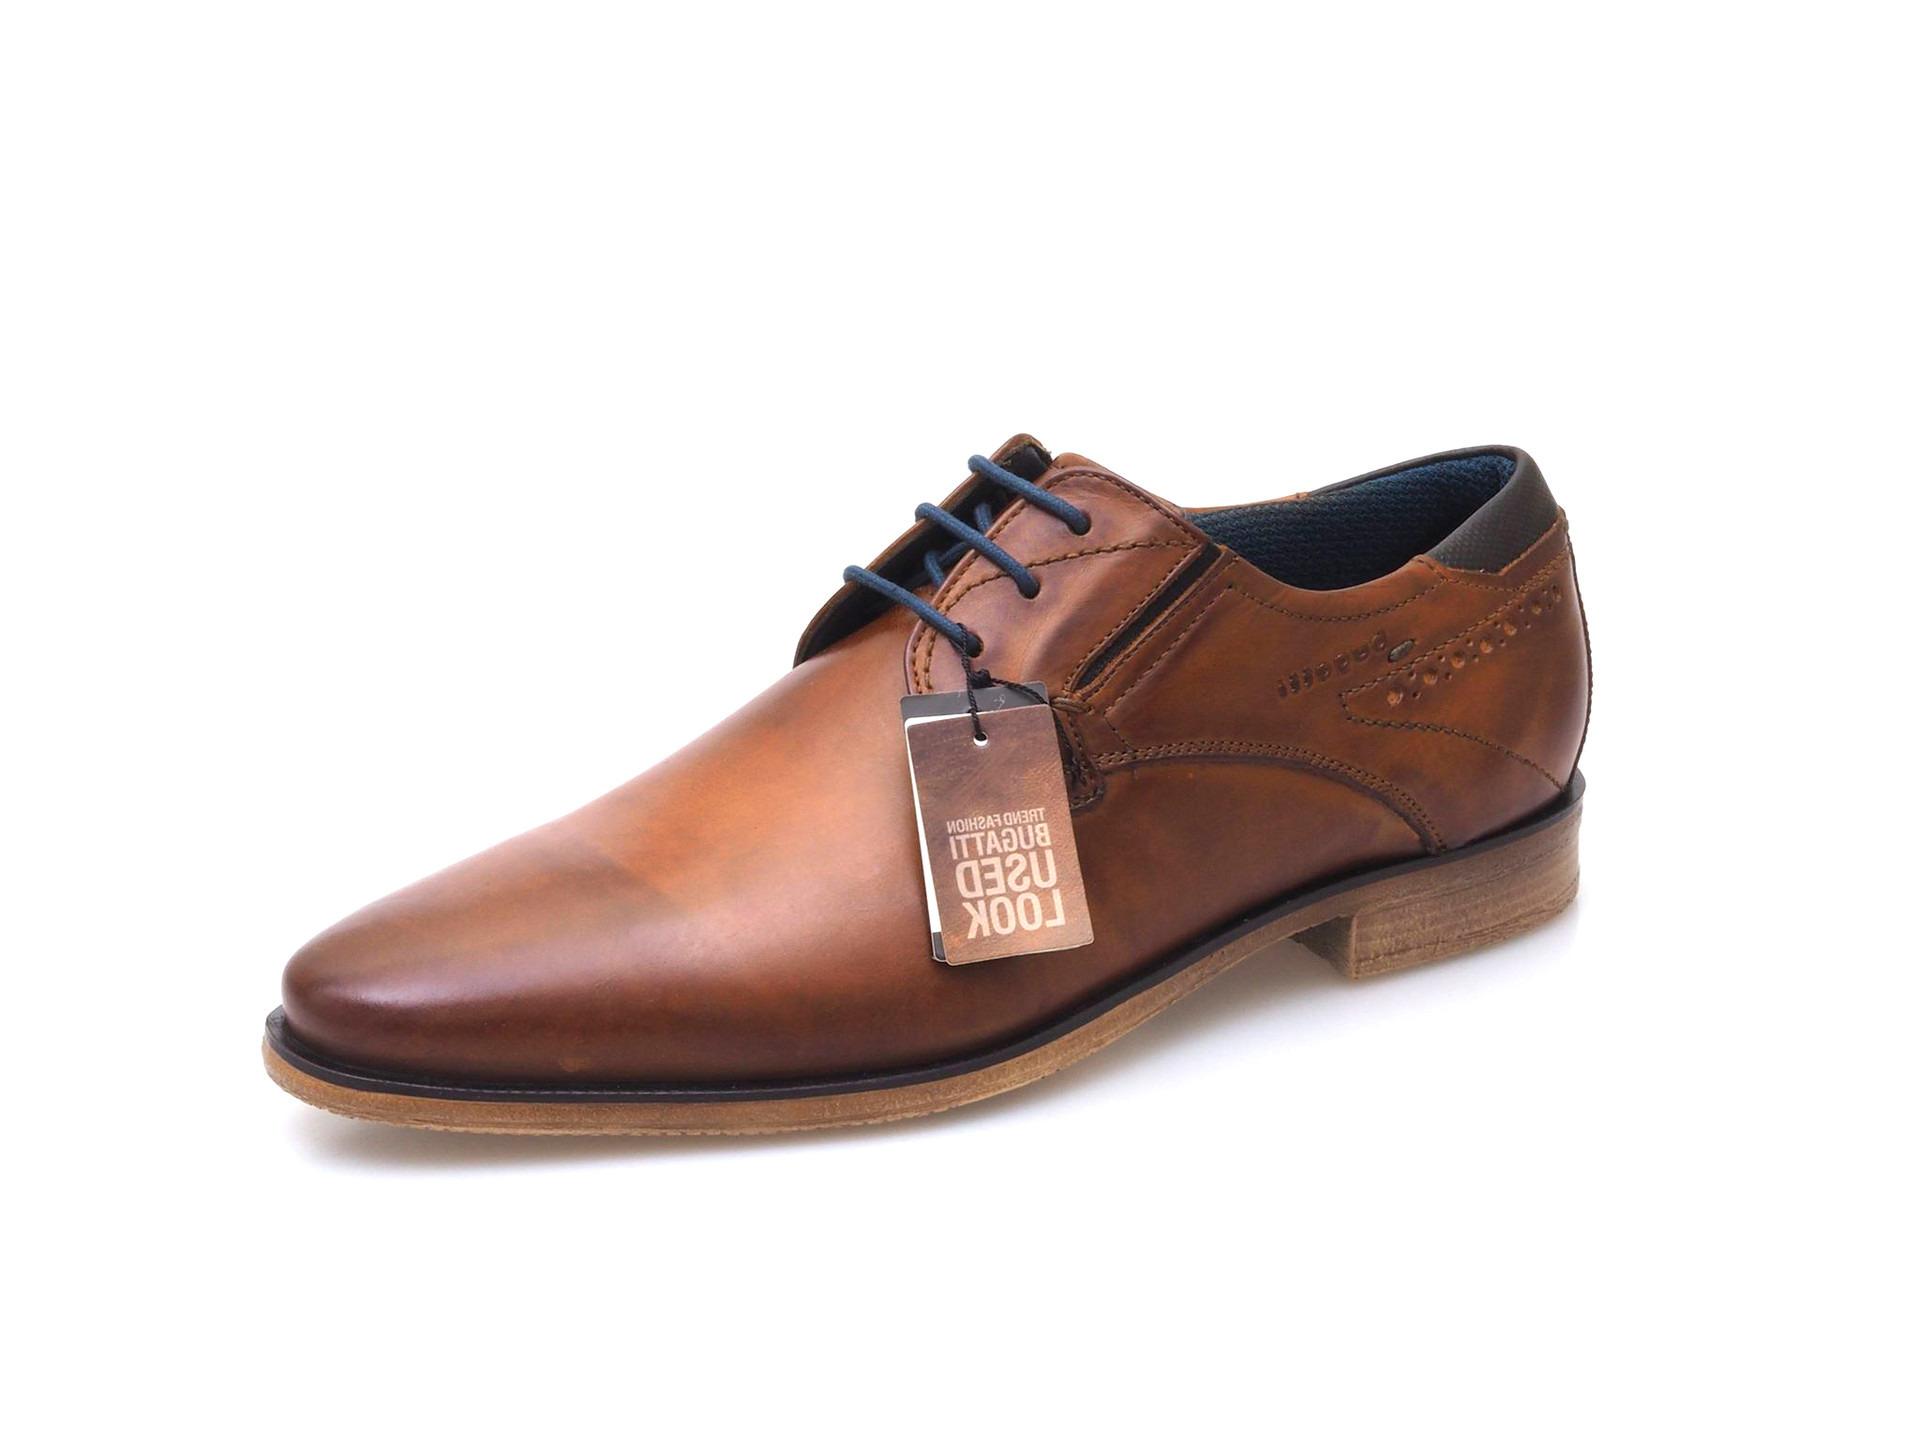 Hnedá pánska šnurovacia obuv značky Bugatti ecf3457bcd5